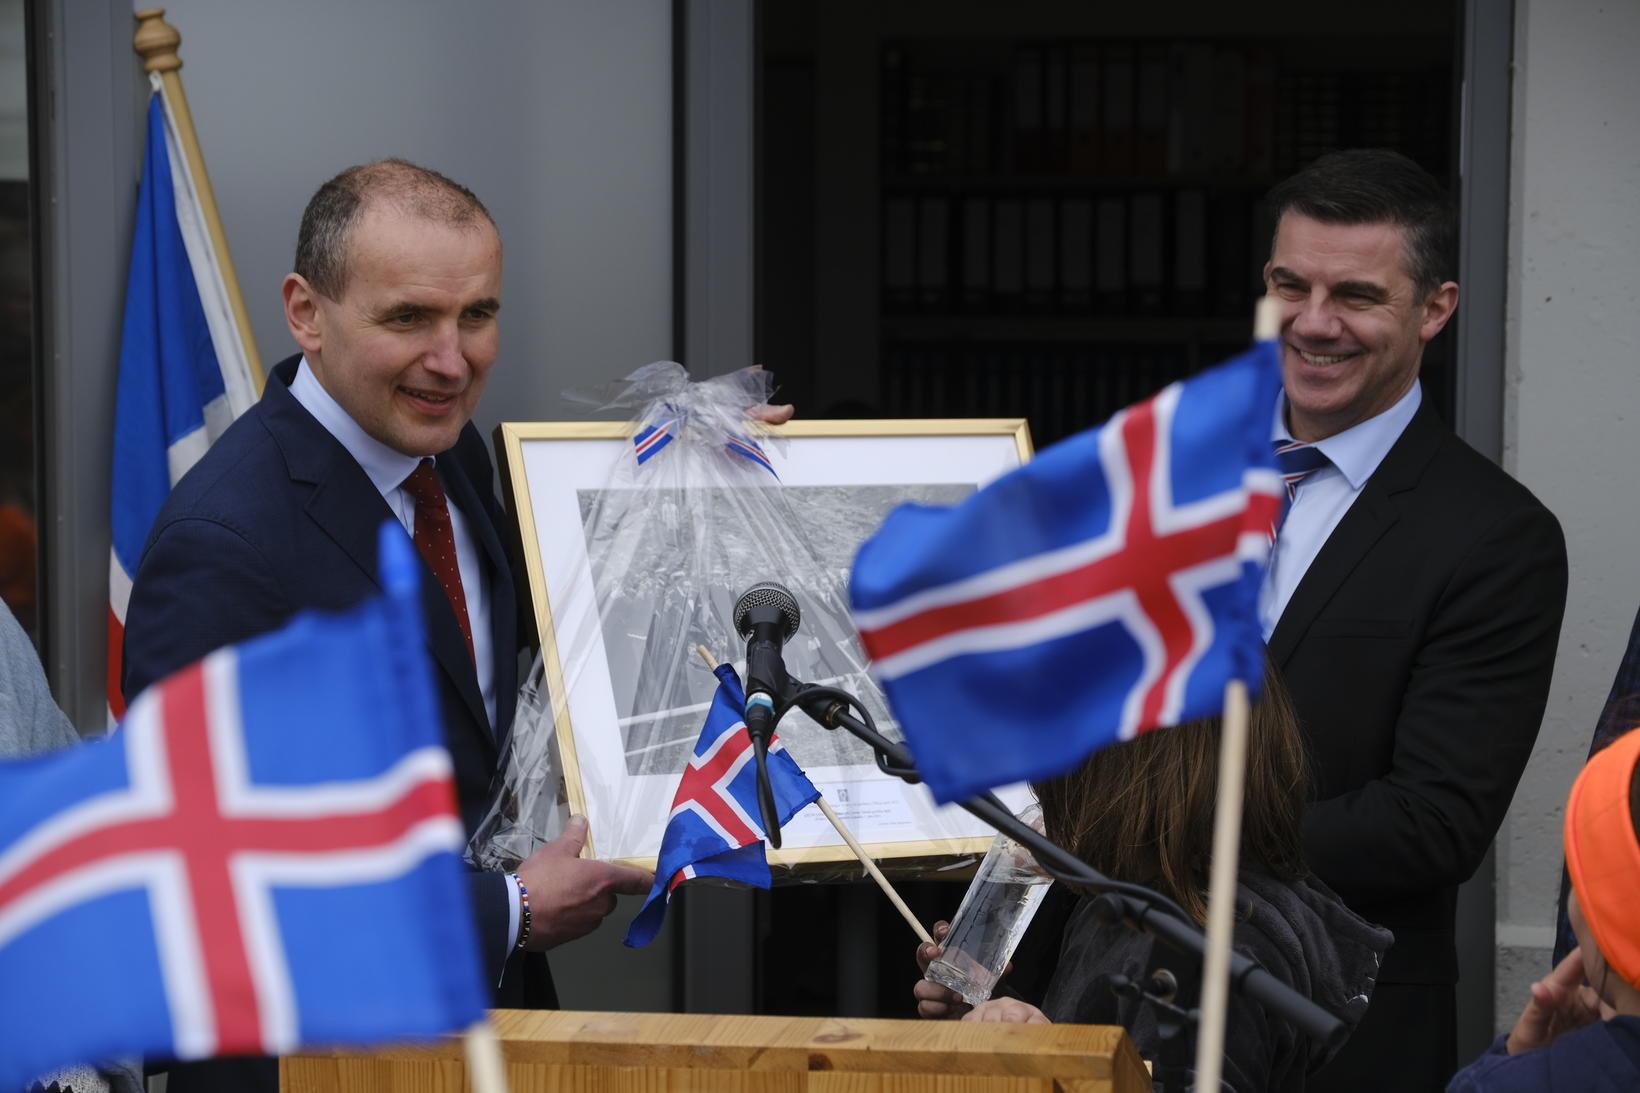 Guðni Th. Jóhannesson, forseti Íslands, veitti Elliða Vignissyni bæjarstjóra Þorlákshafnar …